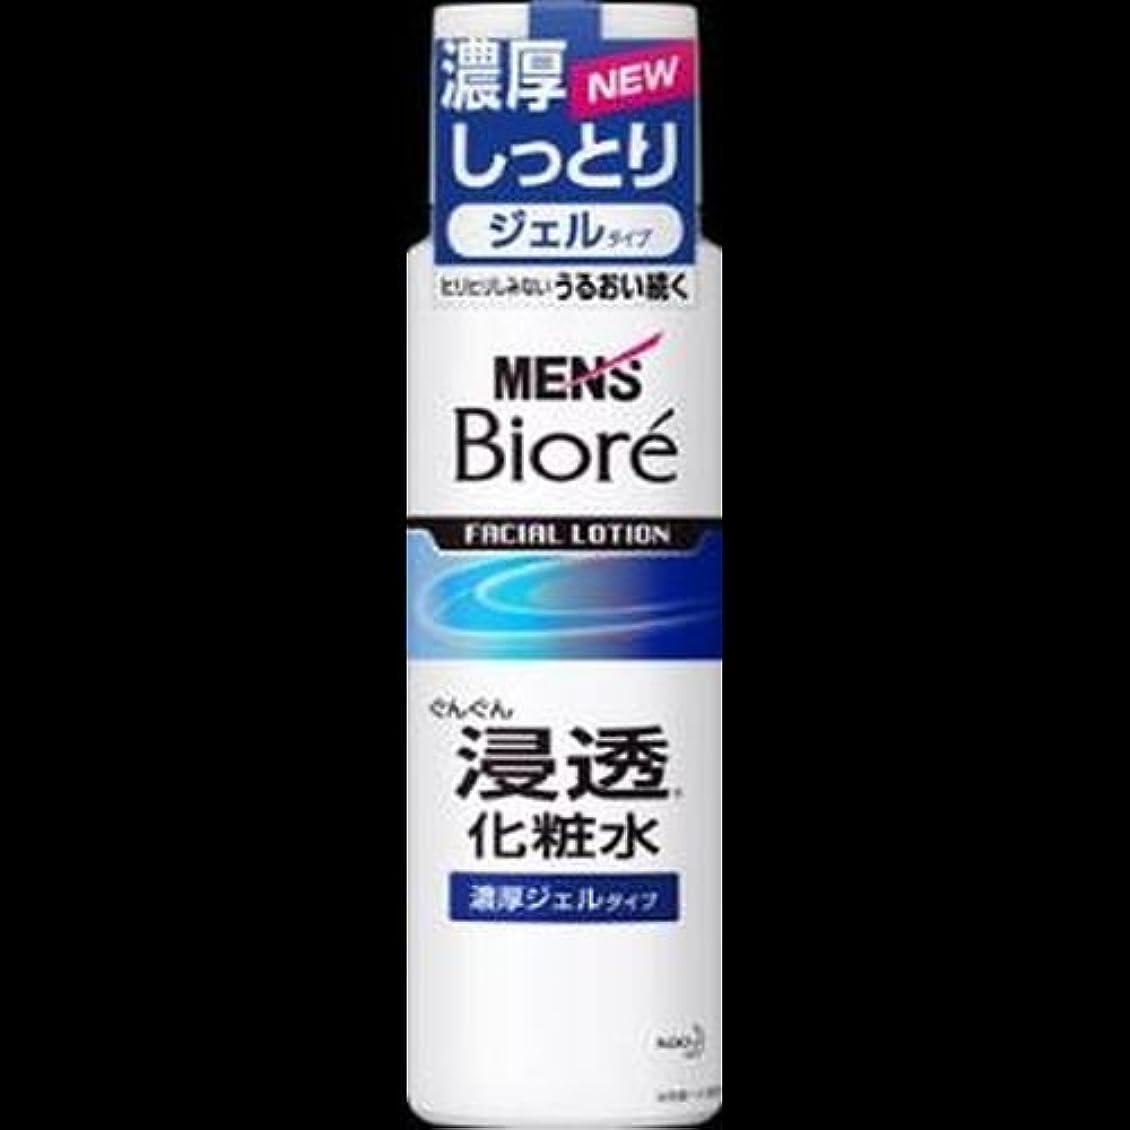 誤って懐ドロップ【まとめ買い】メンズビオレ 浸透化粧水 濃厚ジェルタイプ ×2セット